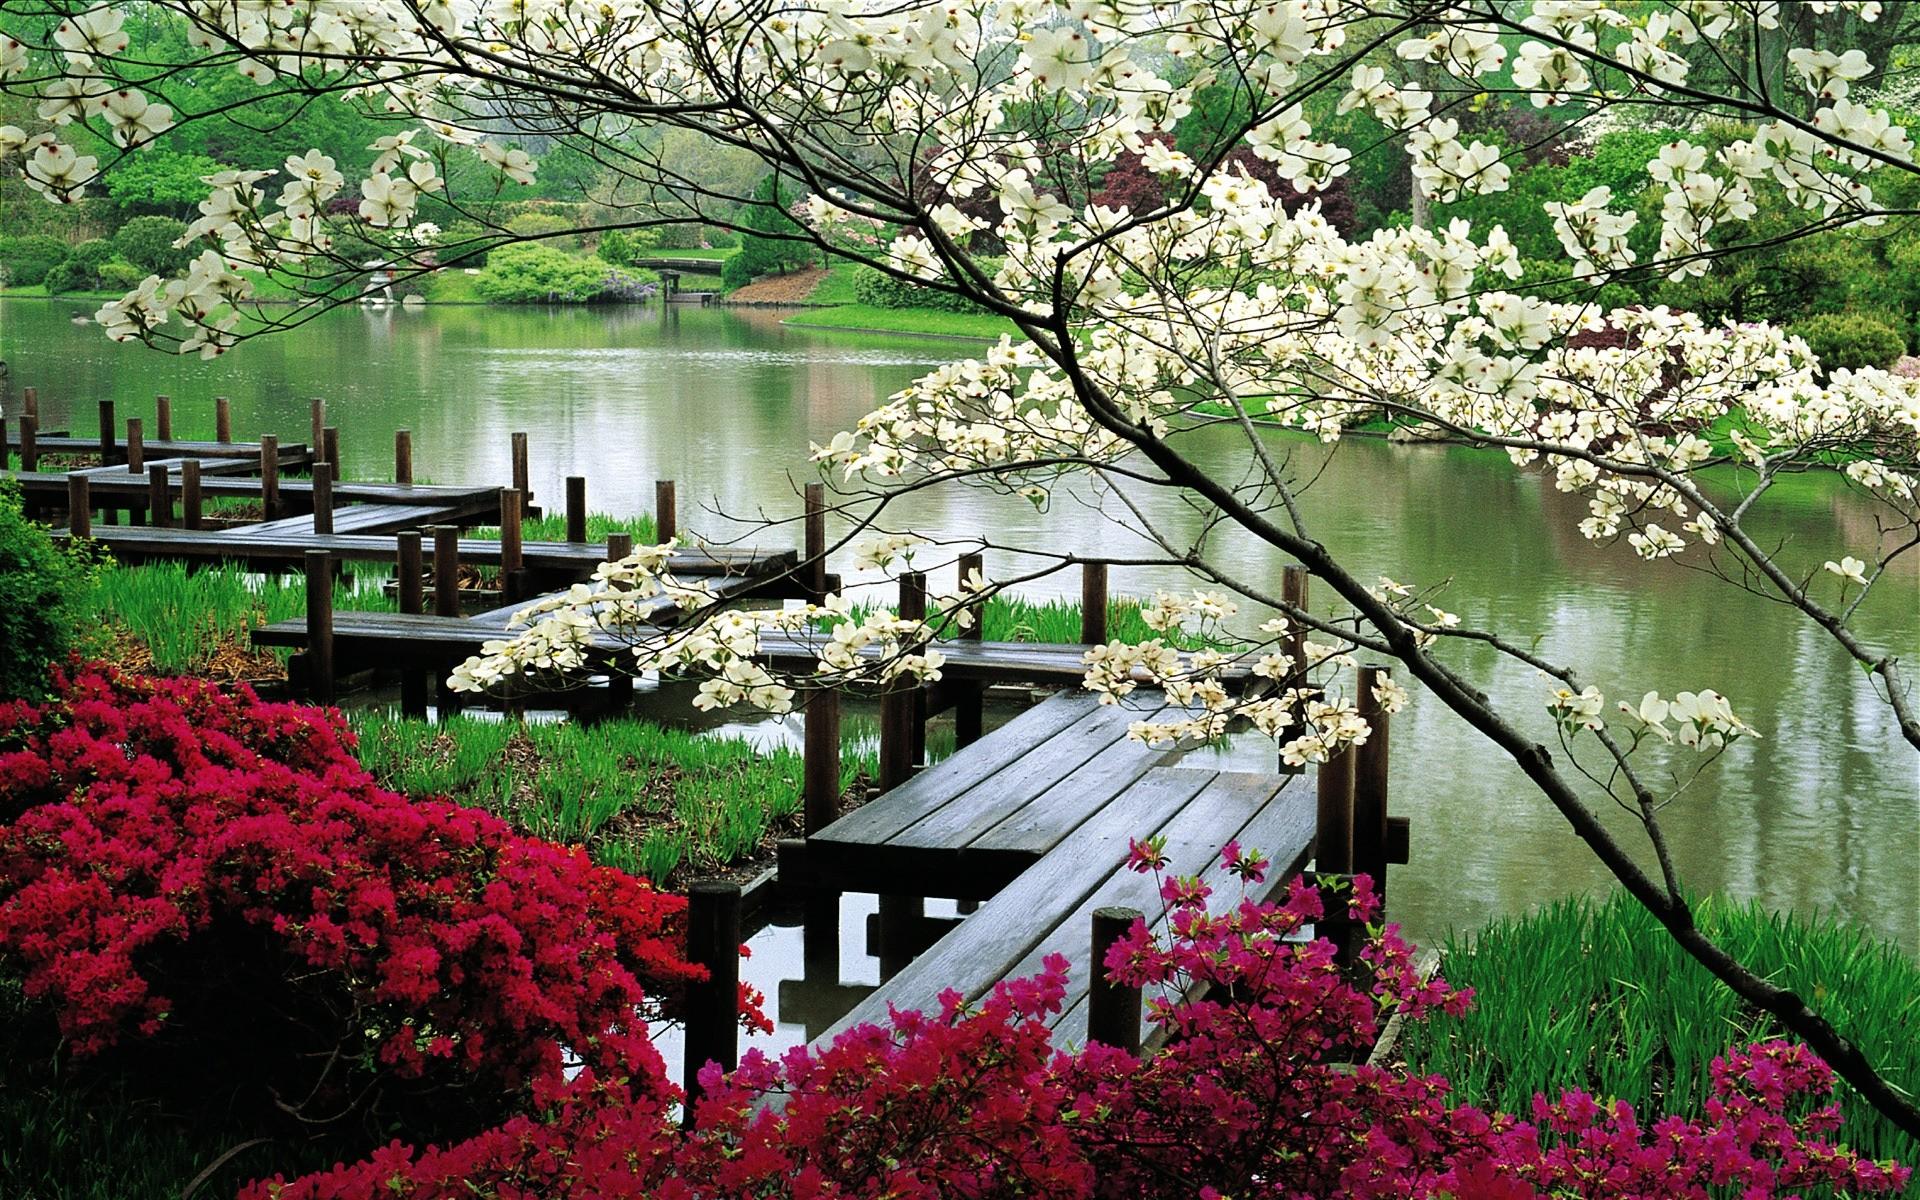 тобой японский сад картинки для рабочего стола куганак, ресторан